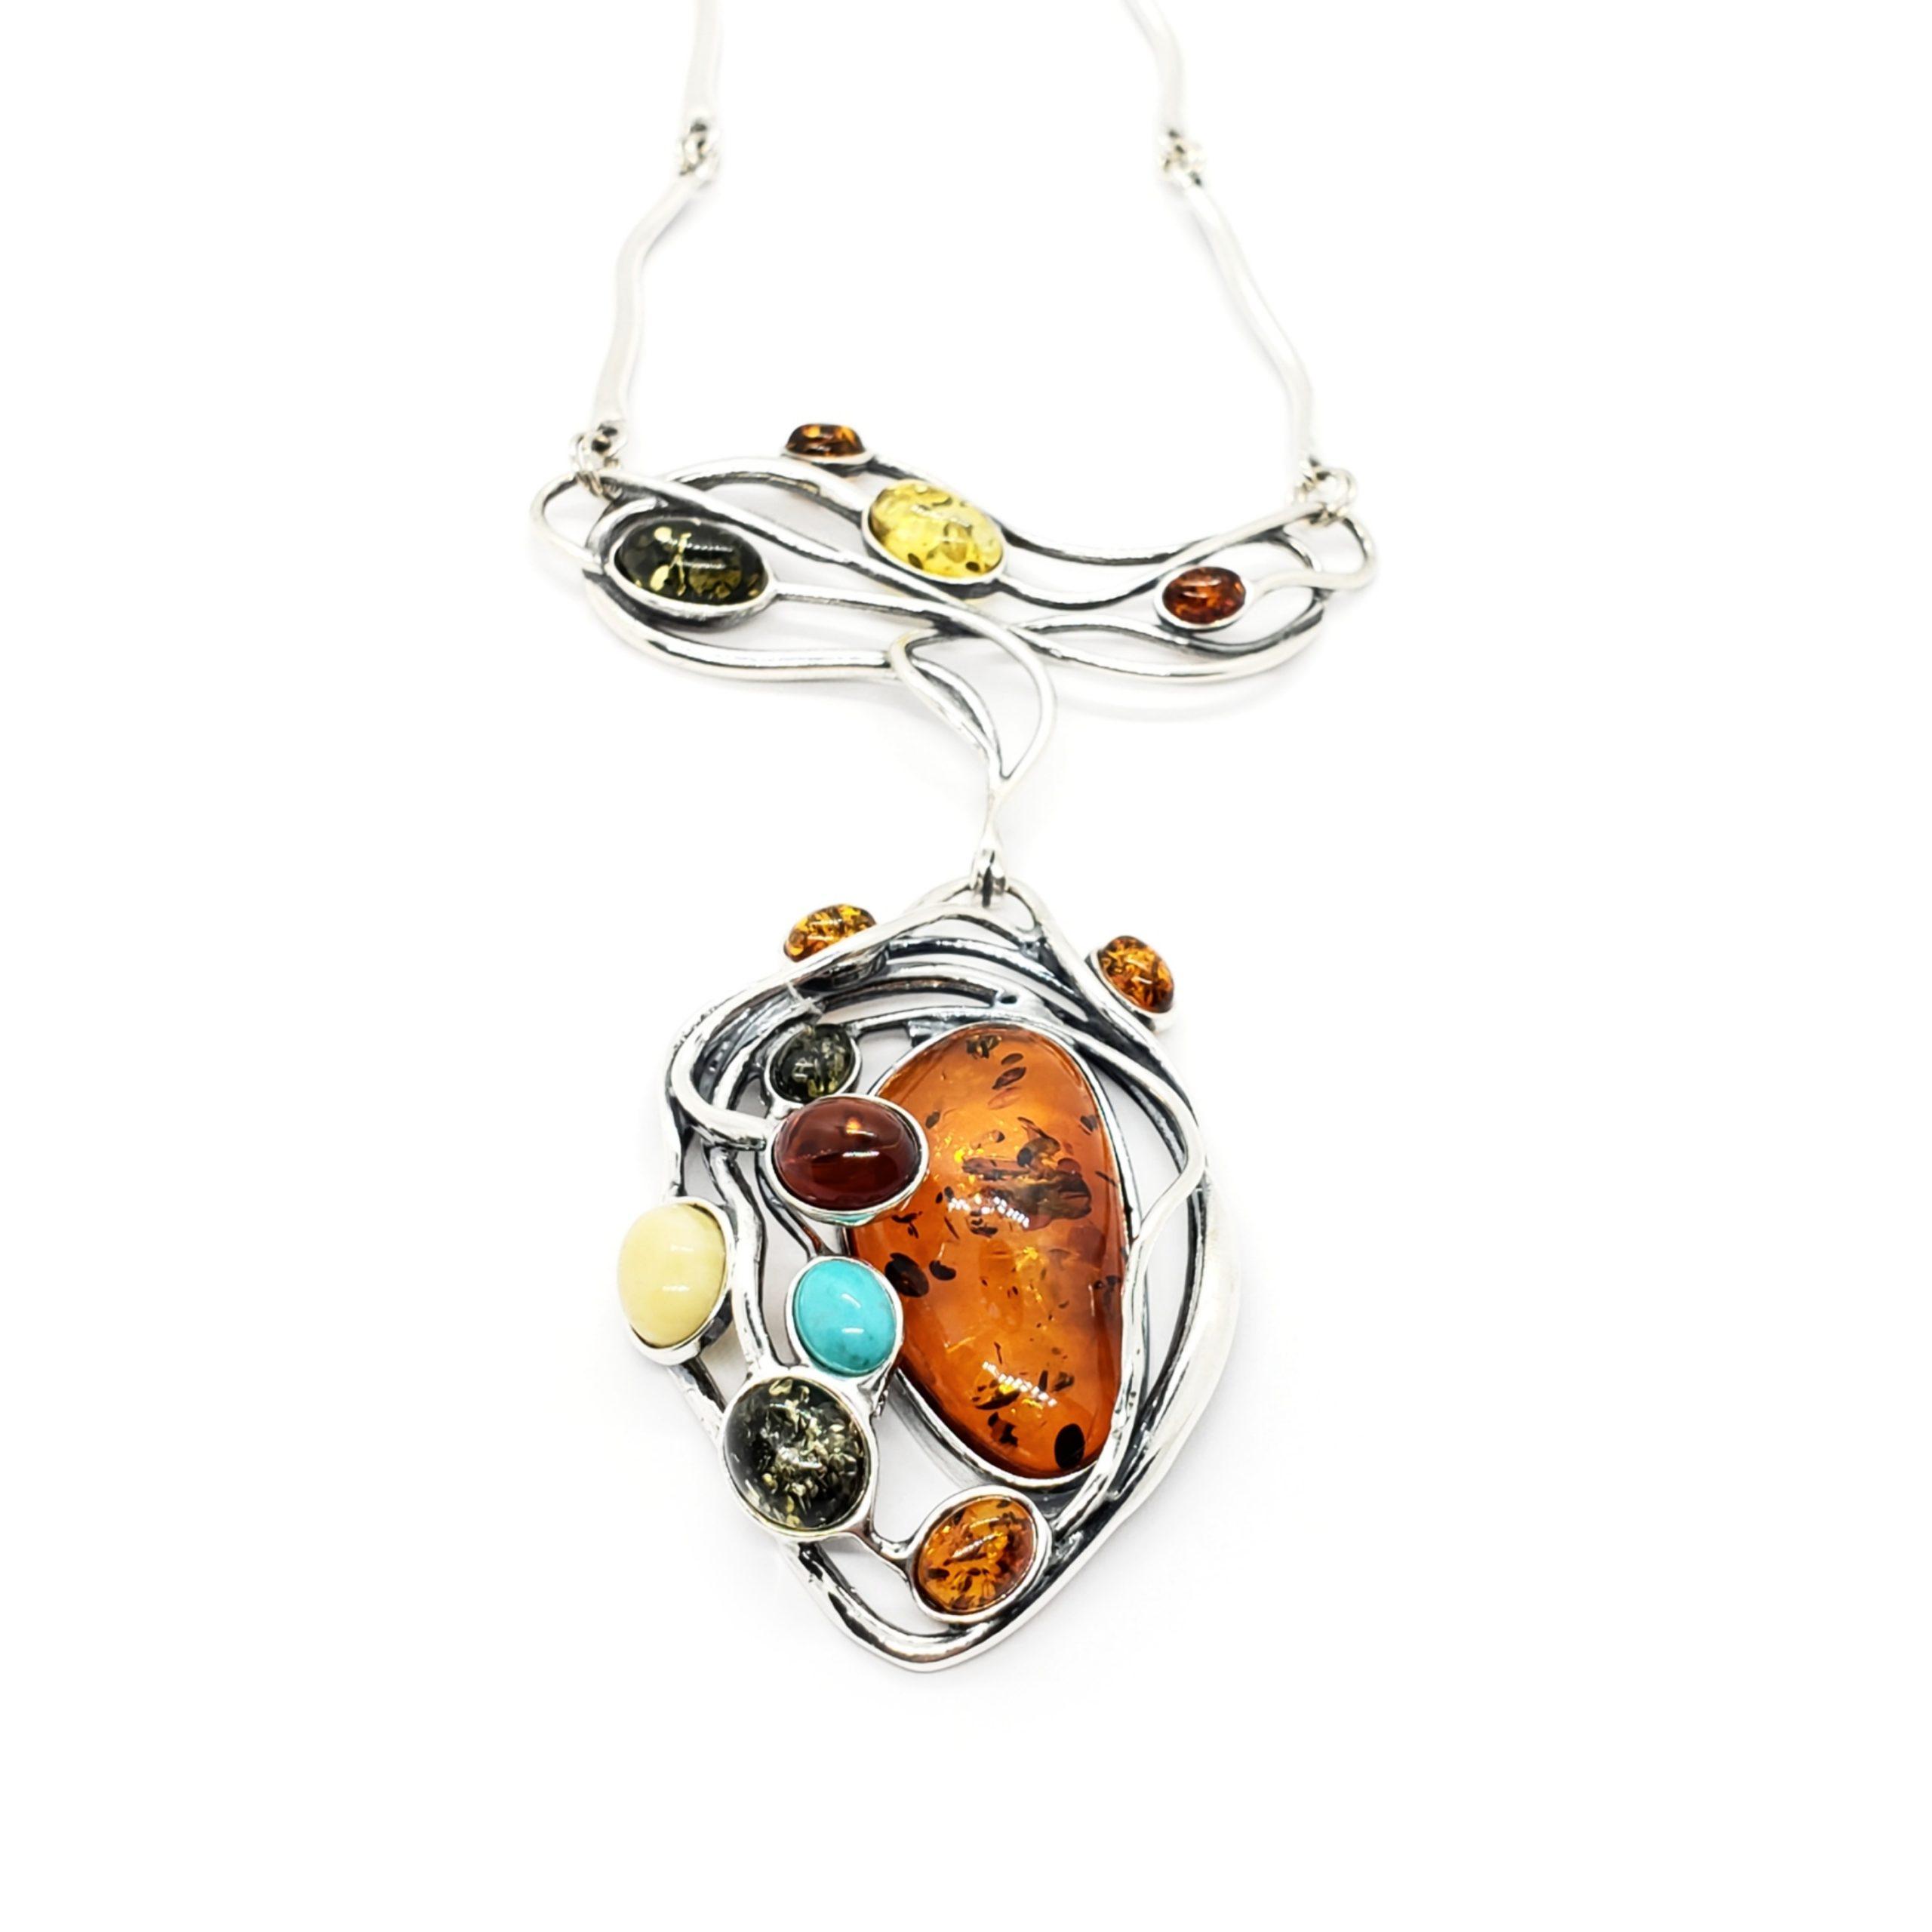 Multi Color Amber / Turquoise Art Nouveau Necklace